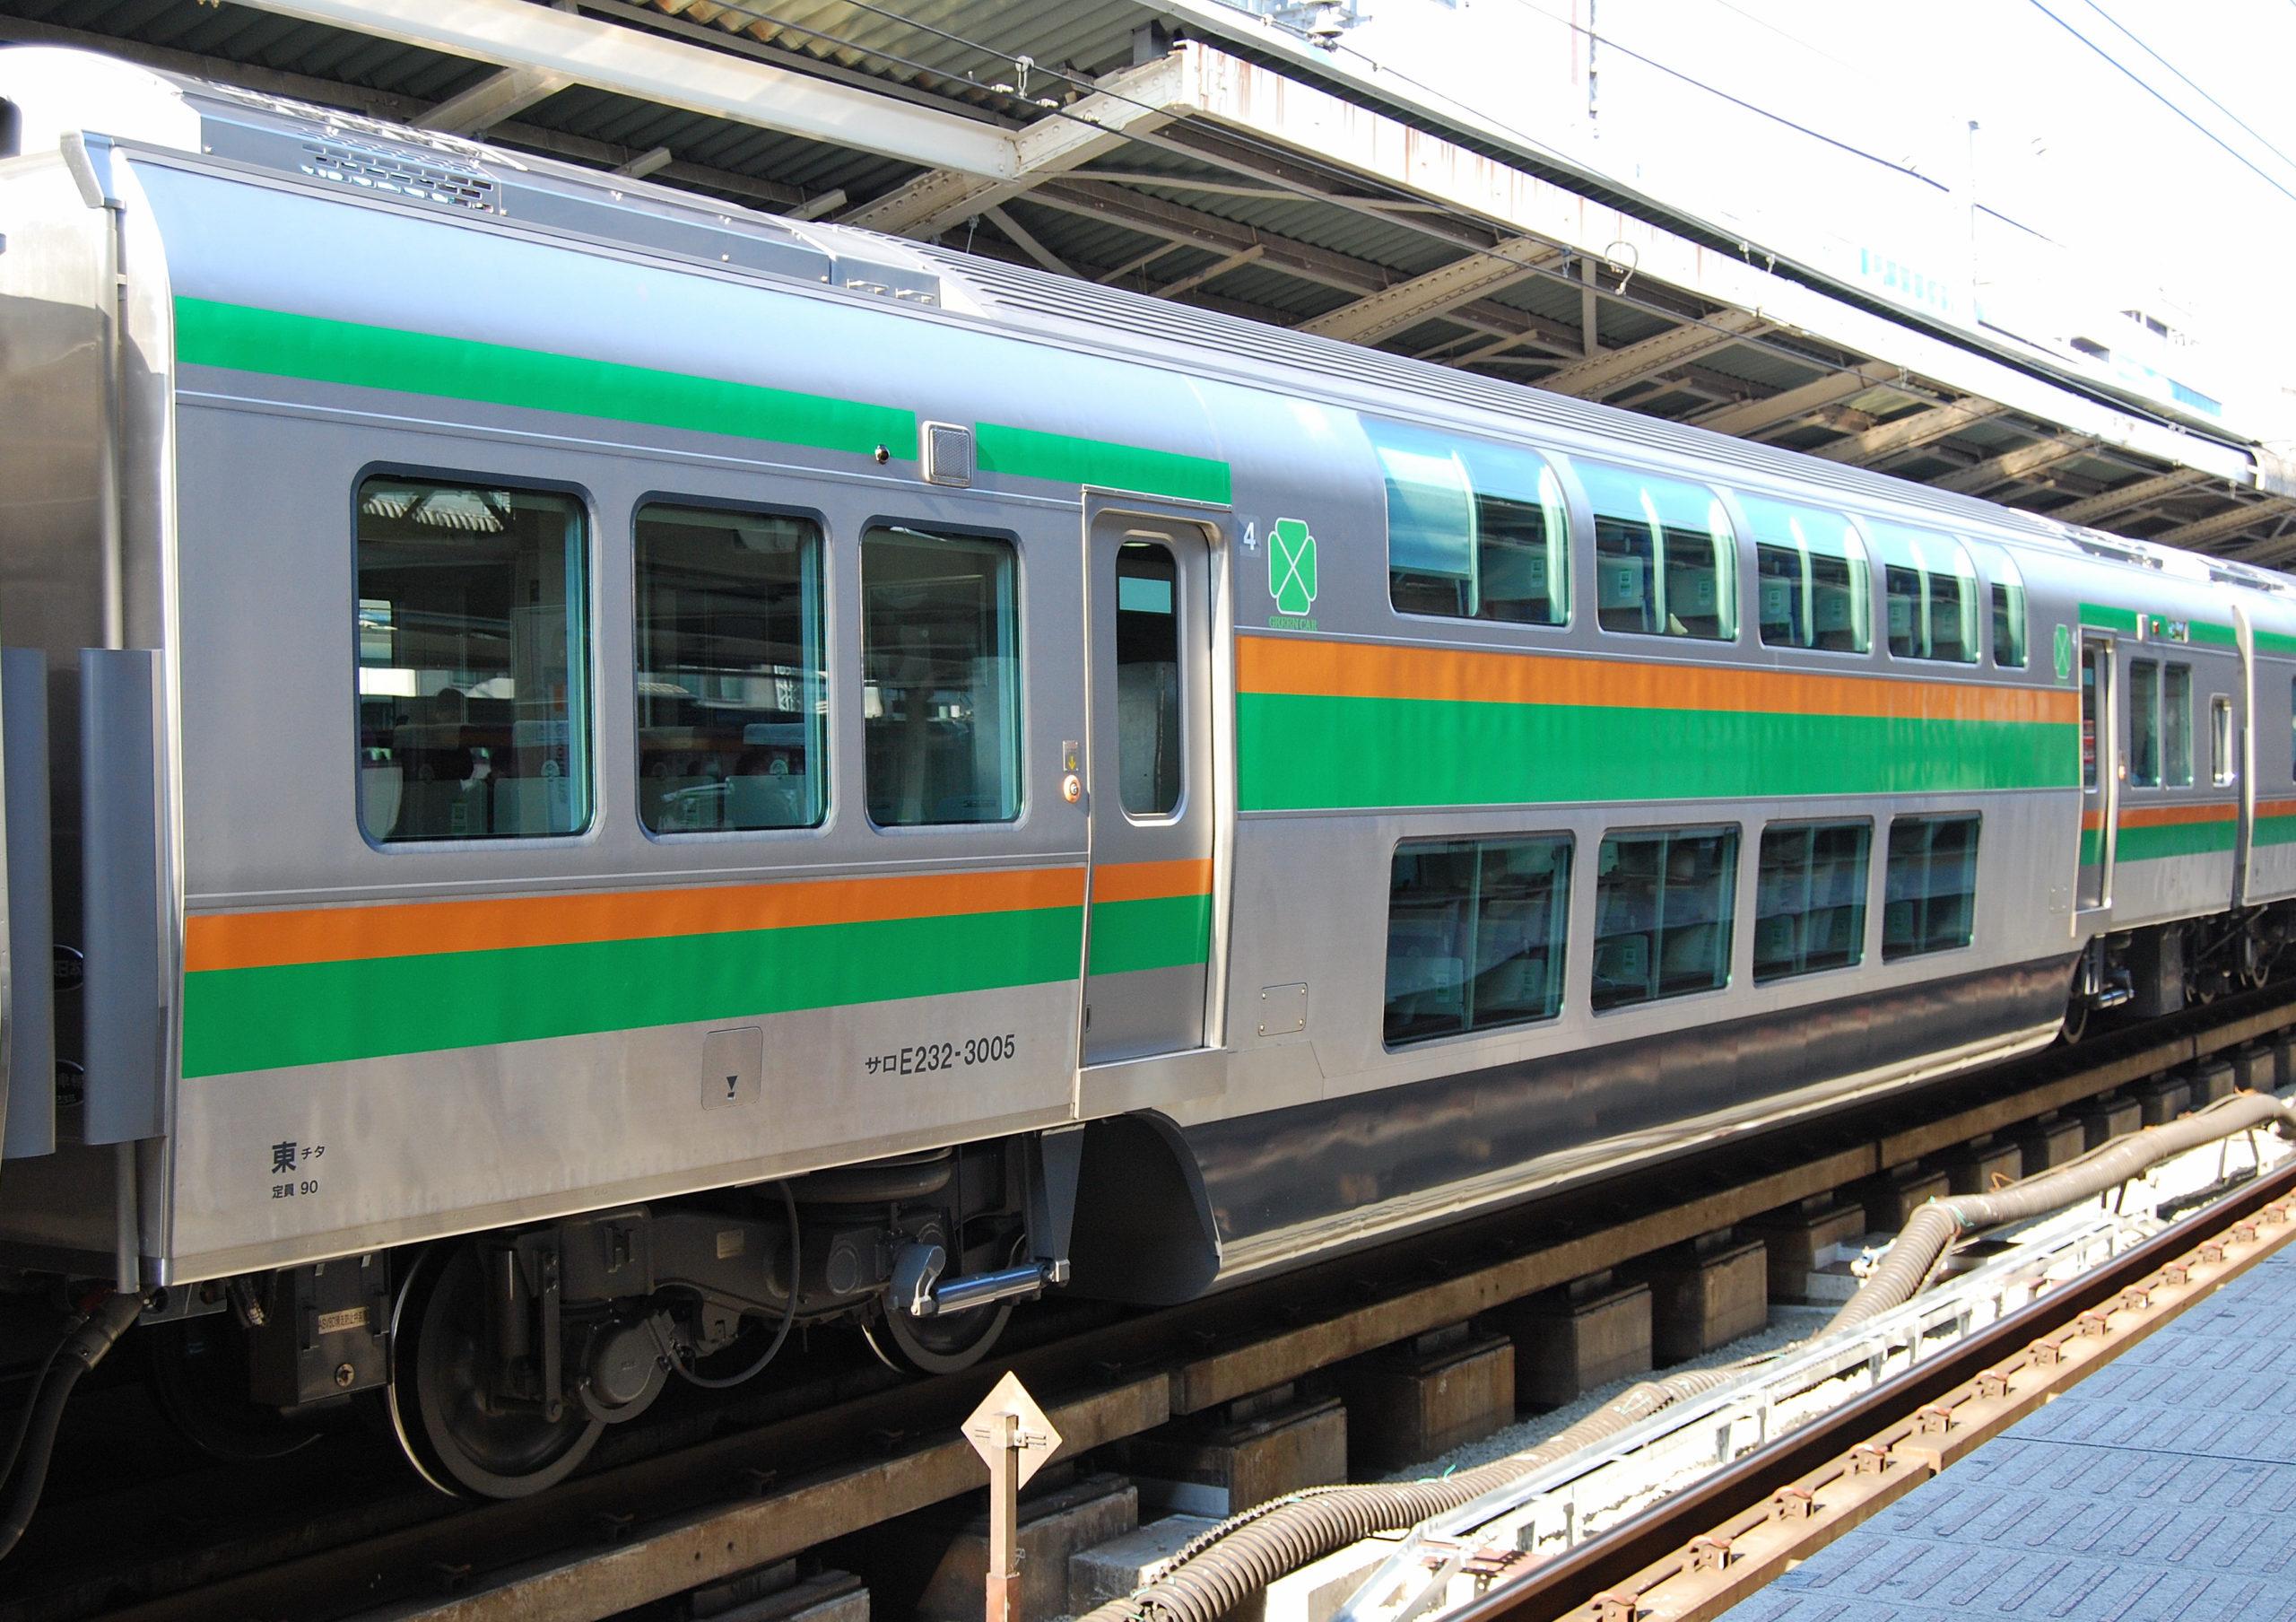 【定価から4割引】普通列車グリーン車に600円分で格安で乗る方法 同じ料金でも車種によって異なる乗り心地